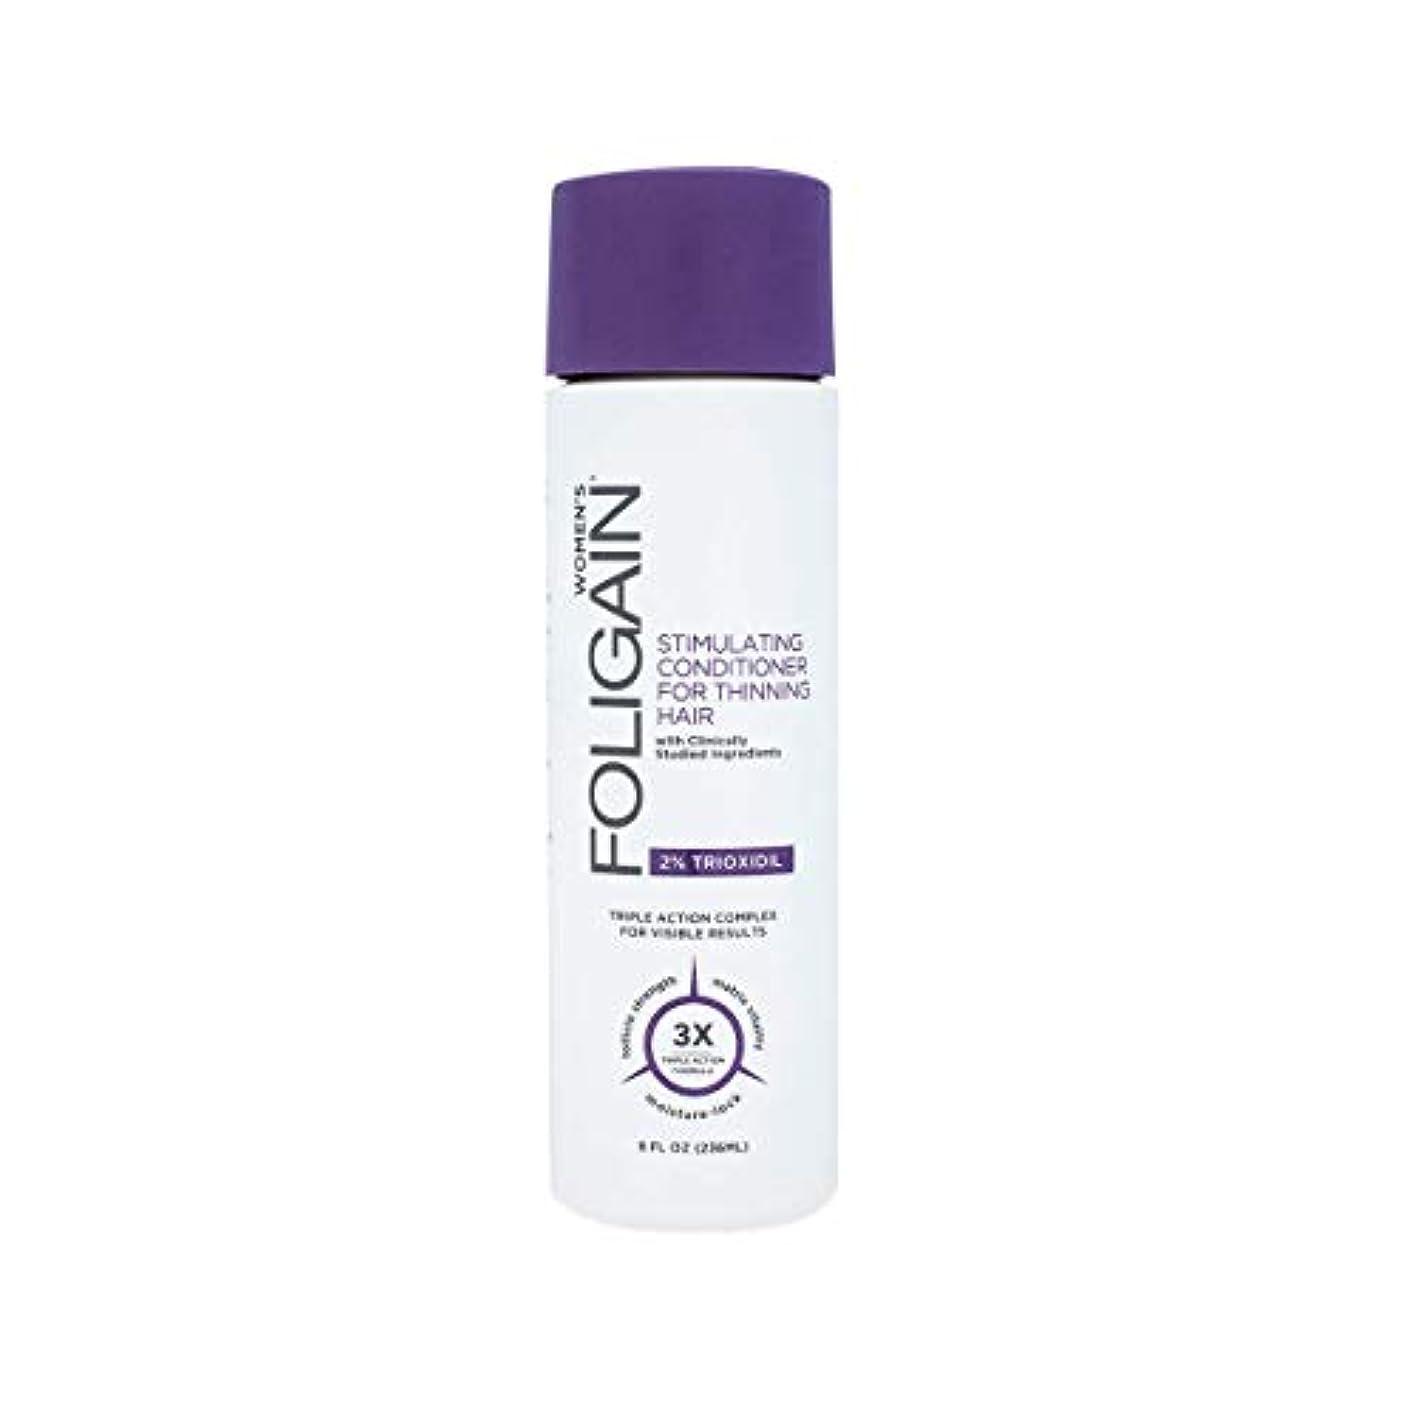 大胆不敵クリアイルフォリゲイン2%トリオキシジルシンニングヘアコンディショナー236ml / 8オンス